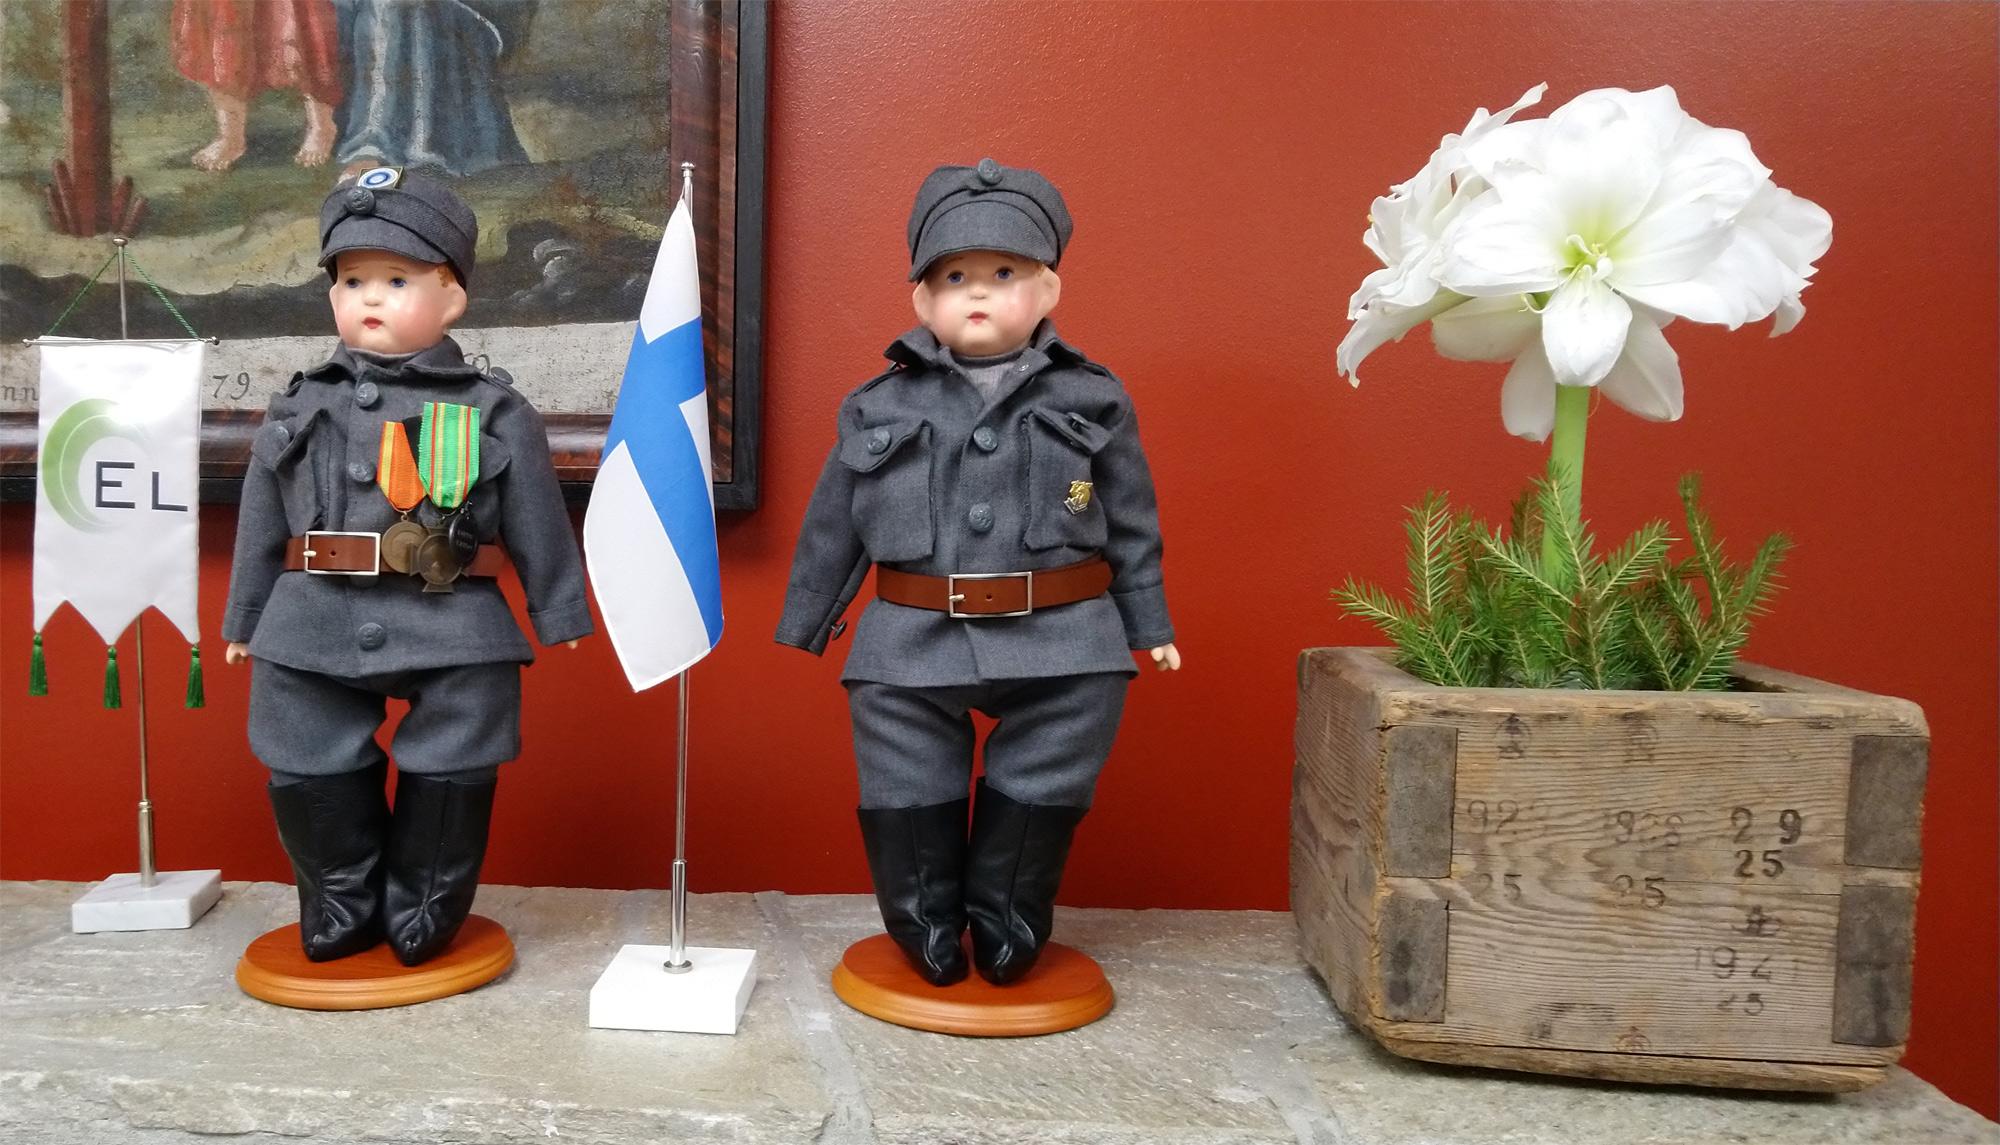 Arja-Linnea Ahosen valmistamat sotilas nuket vasemmalla rinassa hänen isän sota-aikaan saamat kunniamerkit.